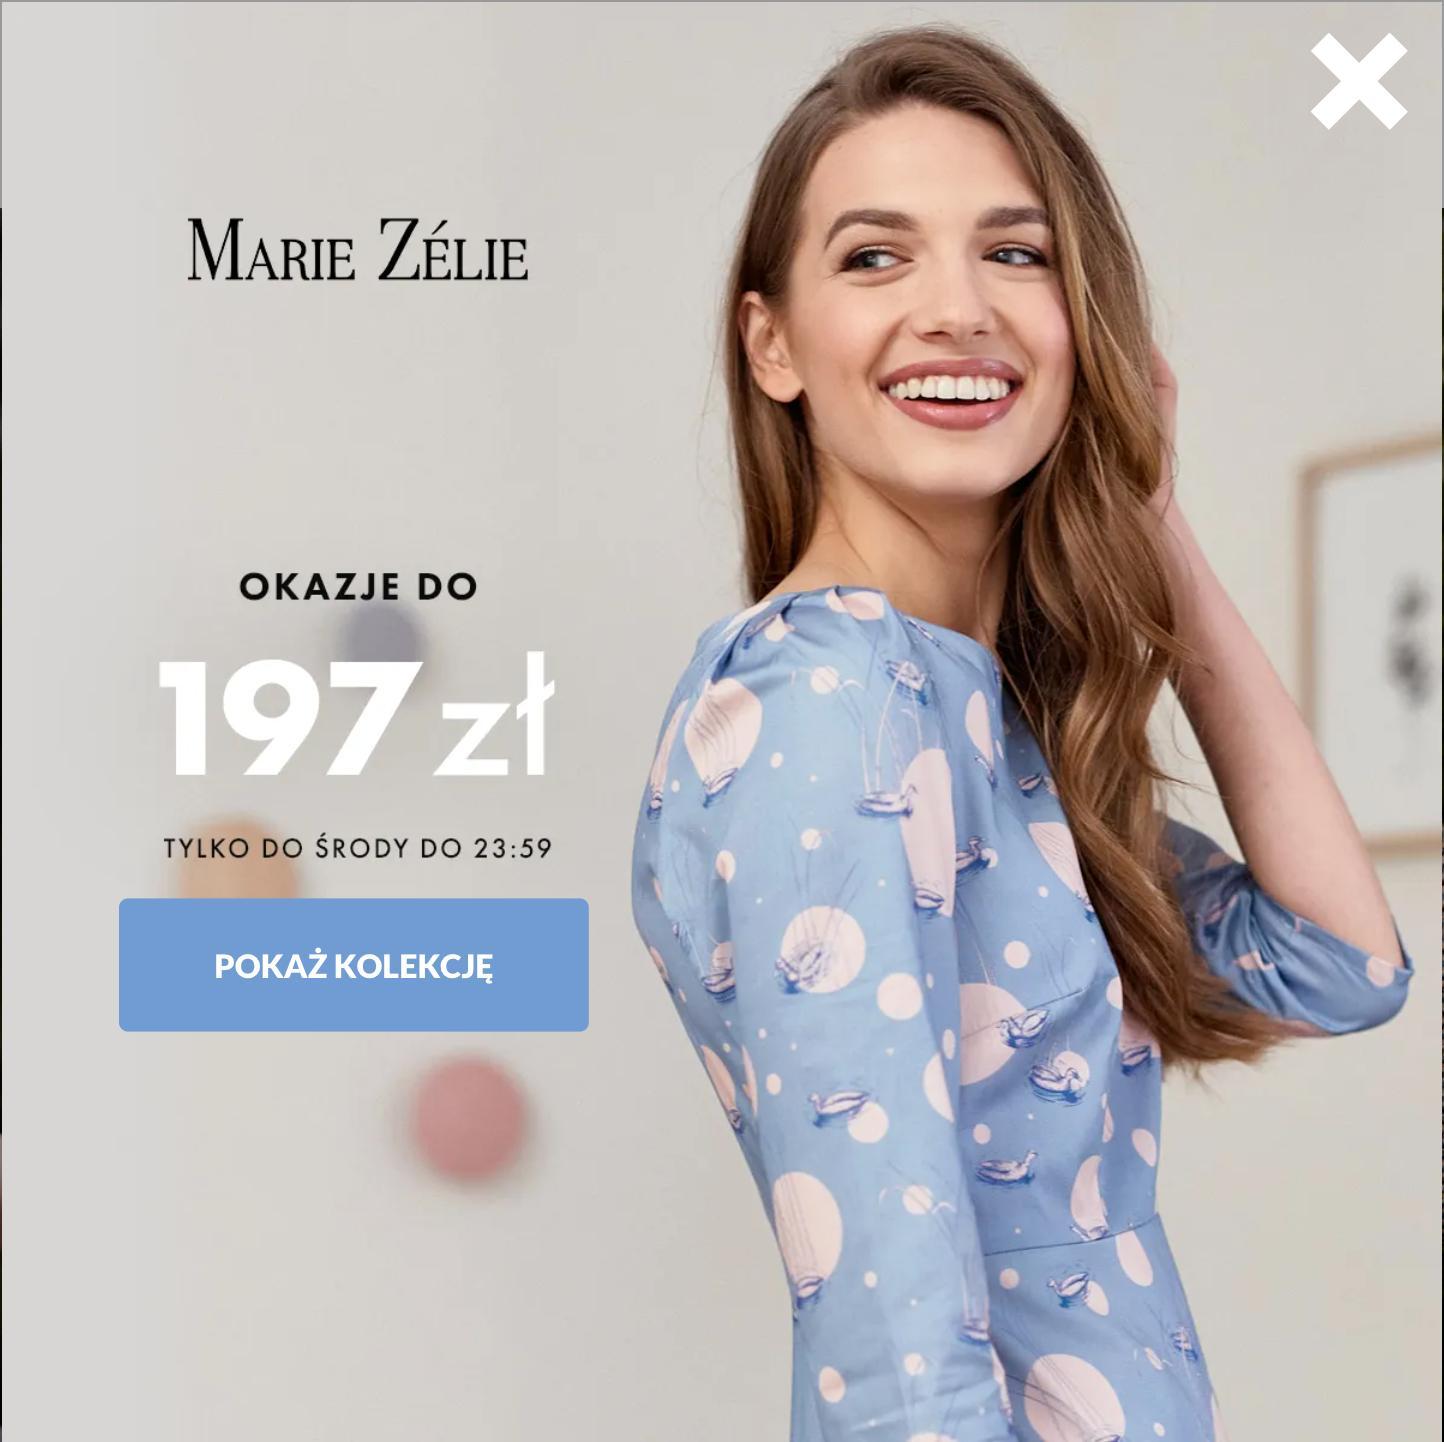 Marie Zelie: odzież damska do 197 zł